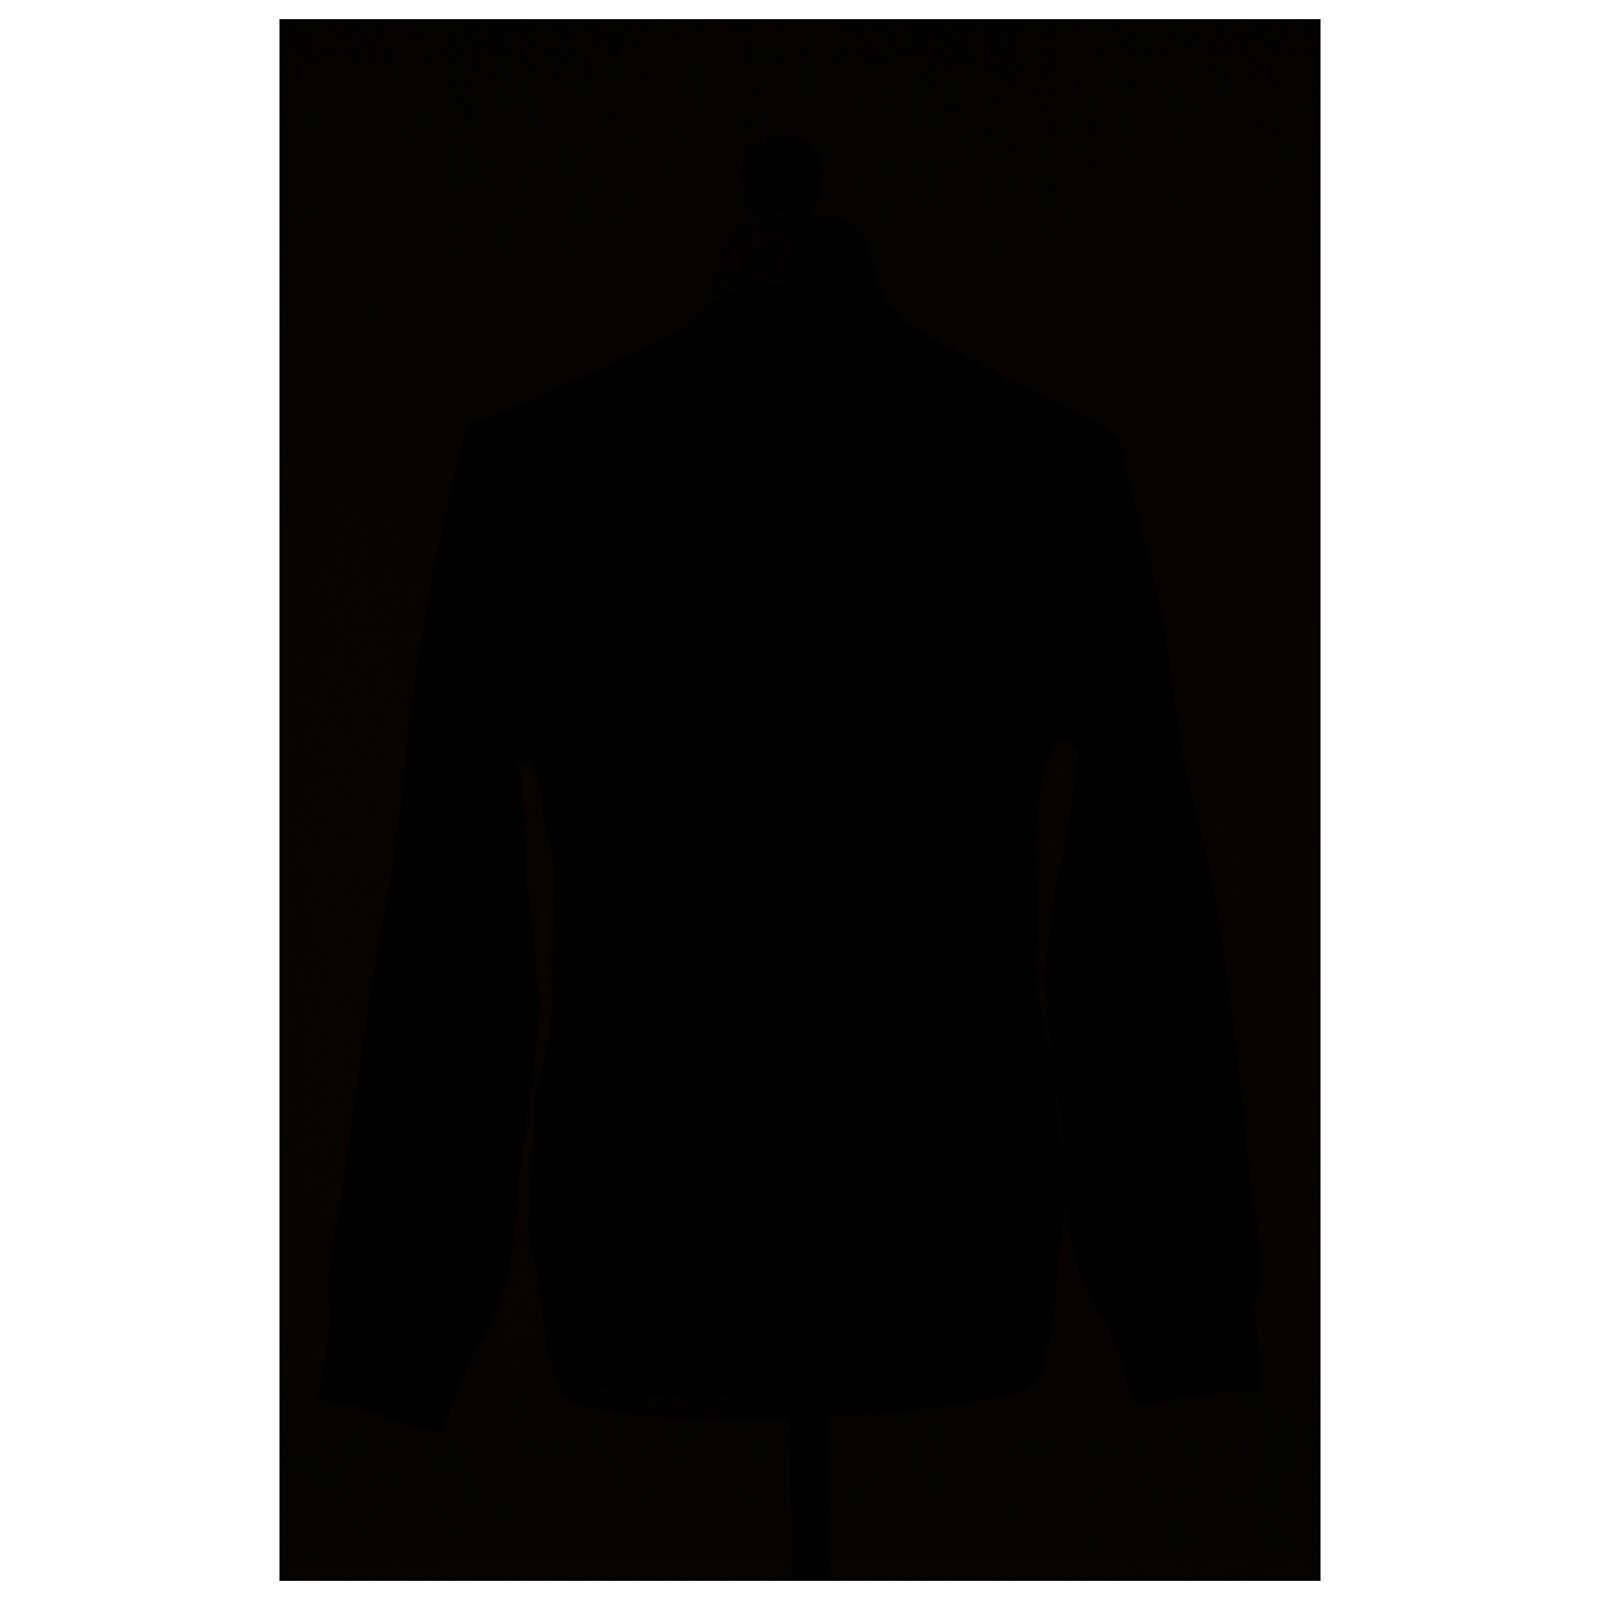 Chaqueta sacerdote antracita bolsillos y botones 50% lana merina 50% acrílico In Primis 4